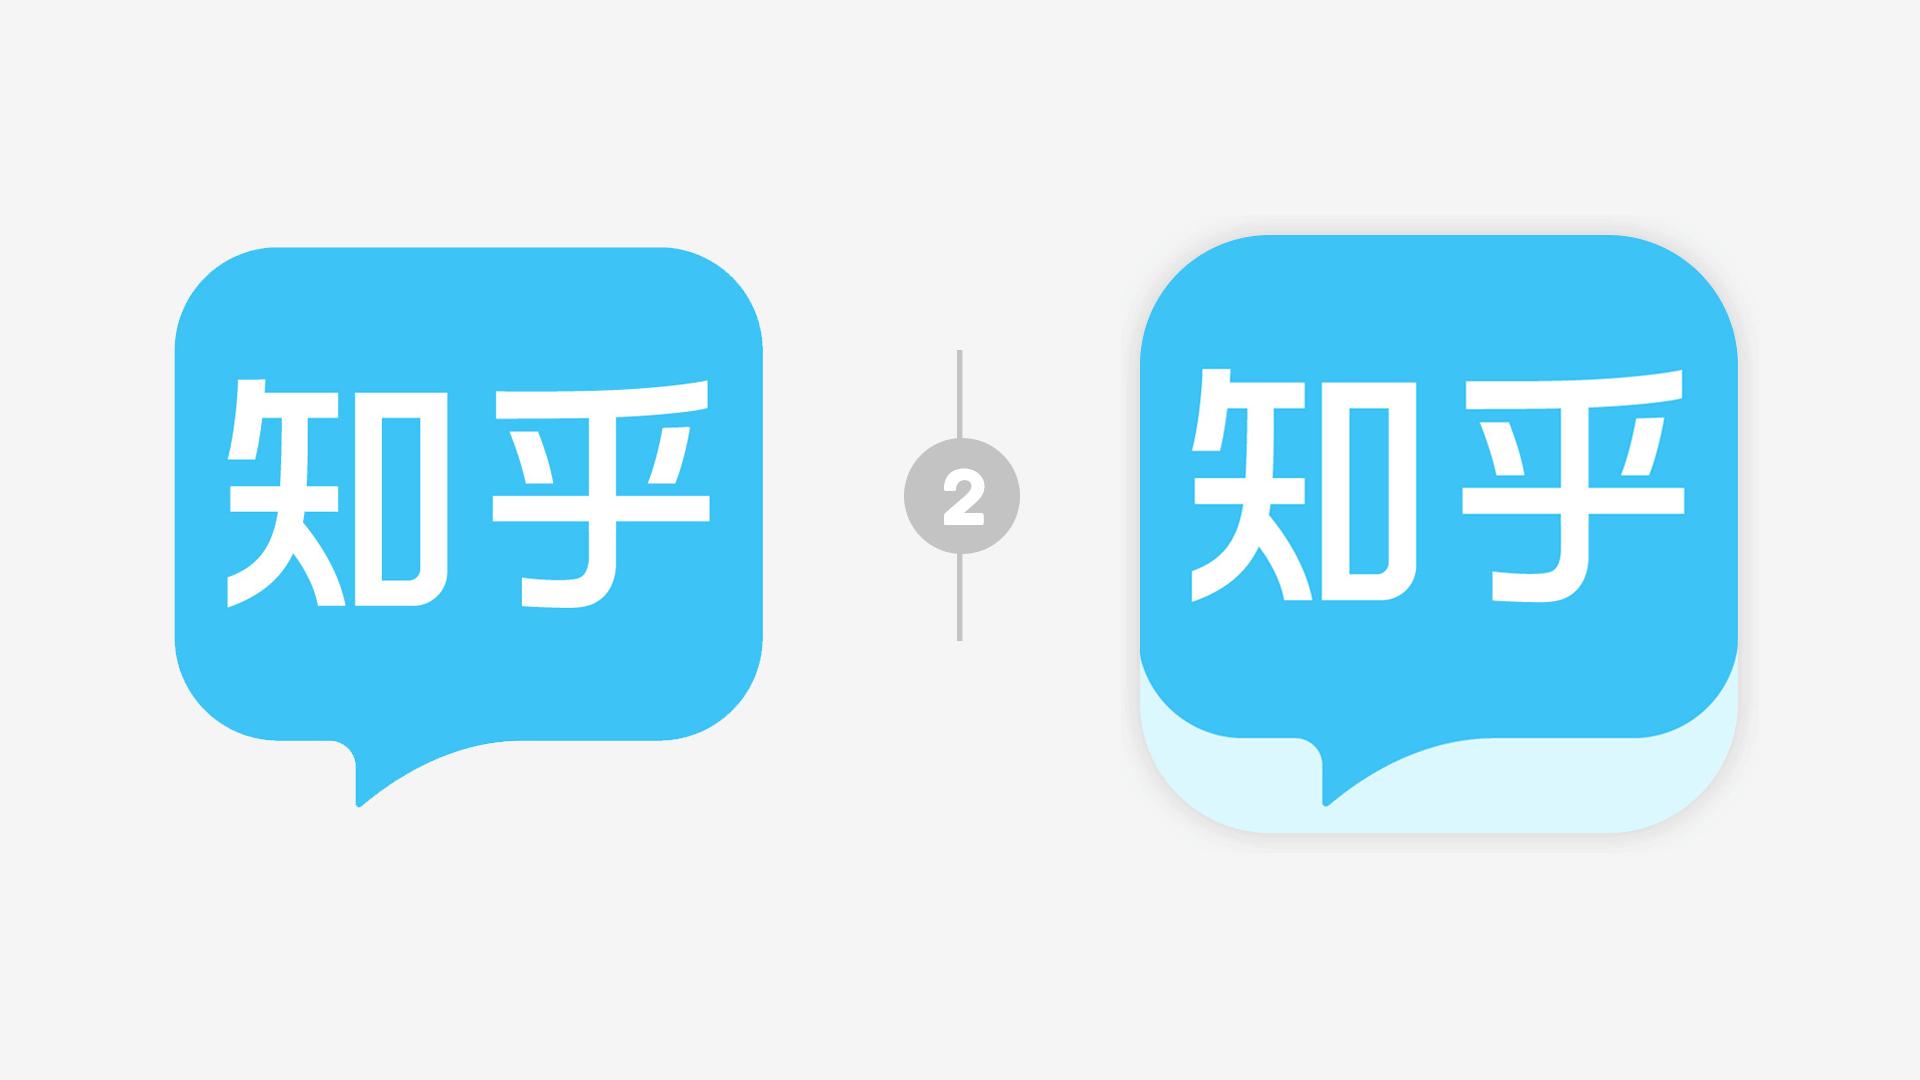 知乎设计五款新的品牌形象Logo方案征集网友意见-深圳VI设计3